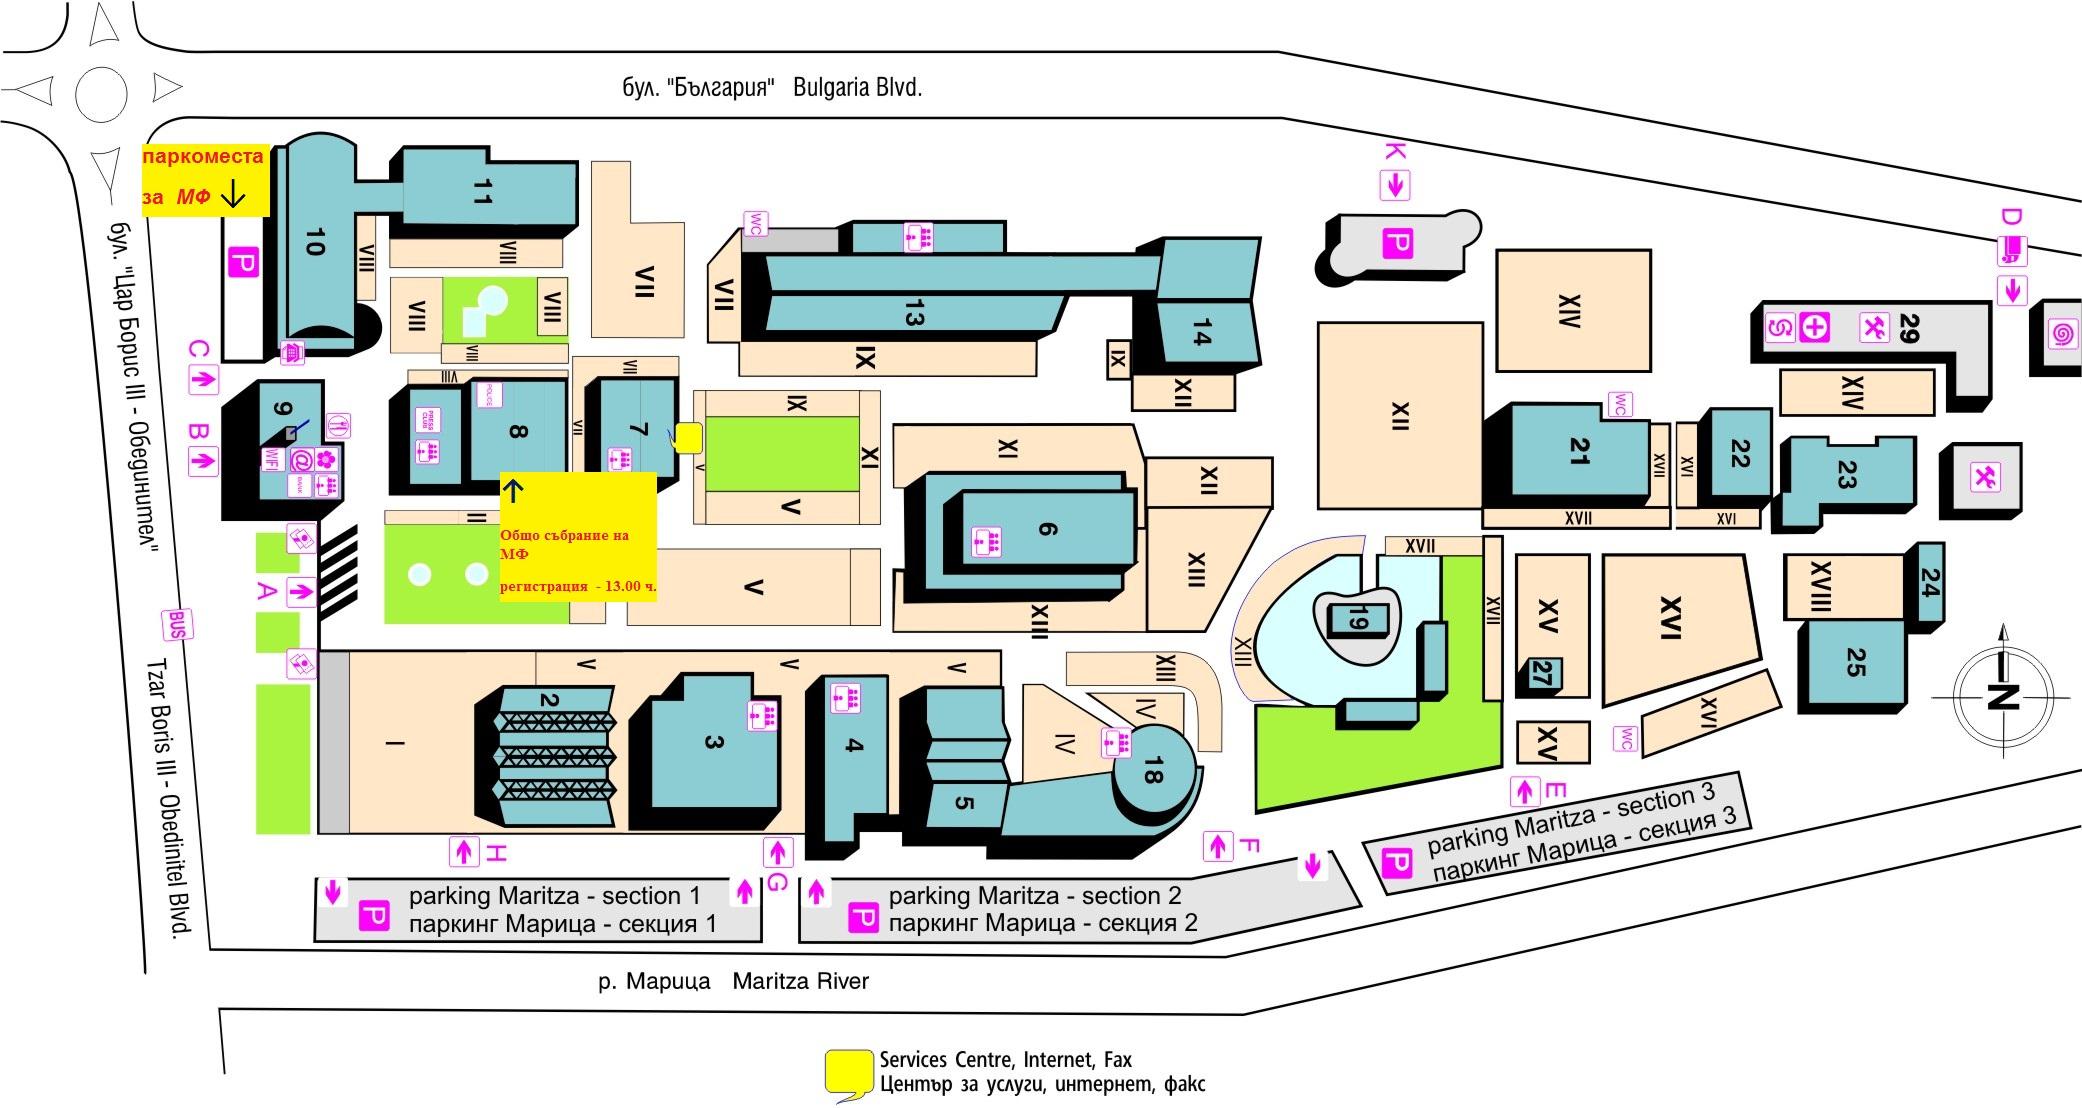 Karta Na Plovdivski Panair Medicinski Universitet Gr Plovdiv